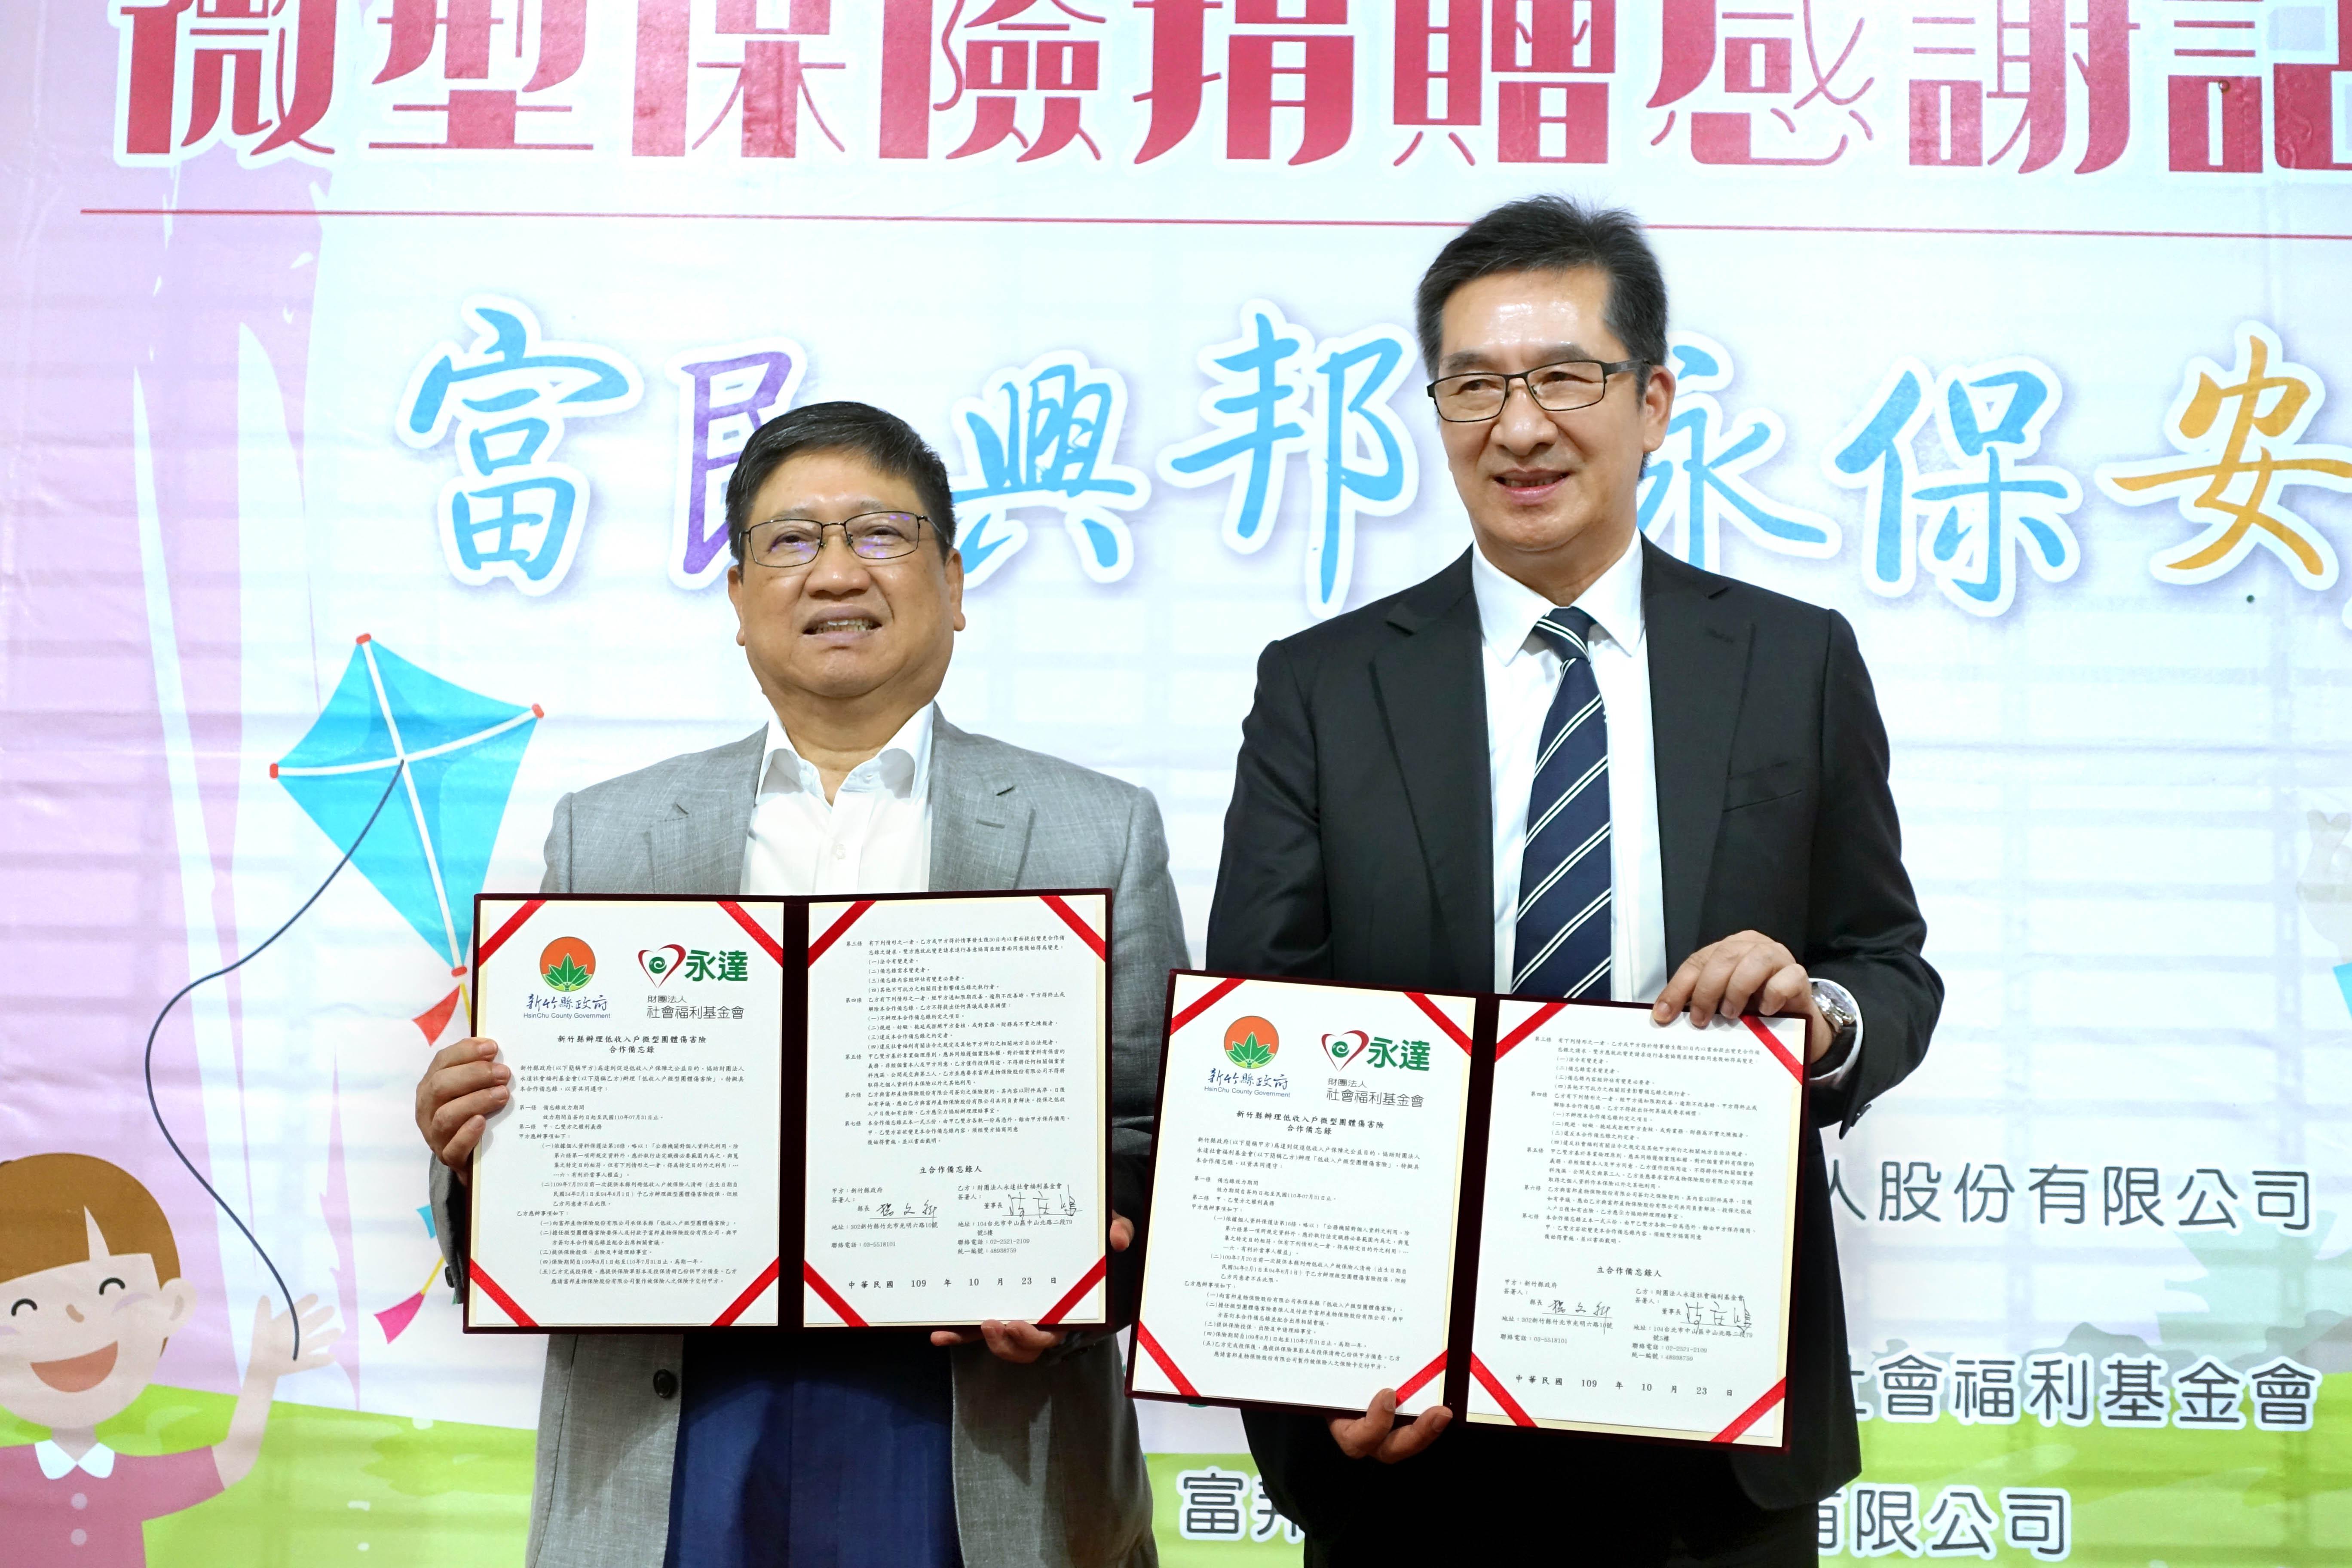 新竹縣縣長楊文科(圖左)與永達社福基金會董事陳慶鴻(圖右)共同簽署微型保險合作備忘錄。